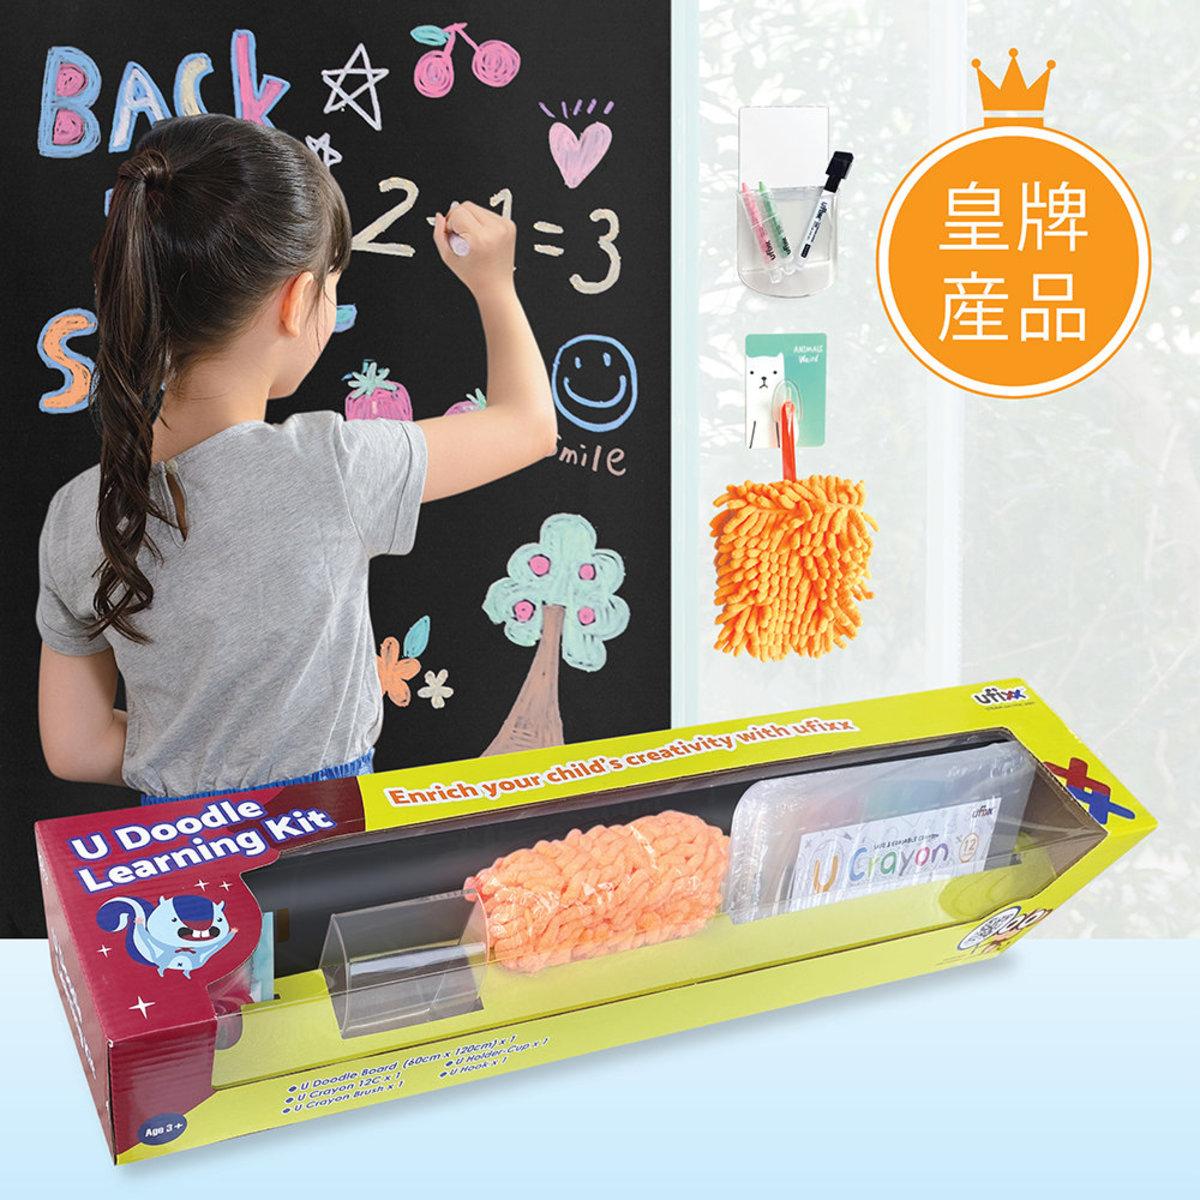 U Doodle Learning Kit BlackBoard SET (120 x 60) cm